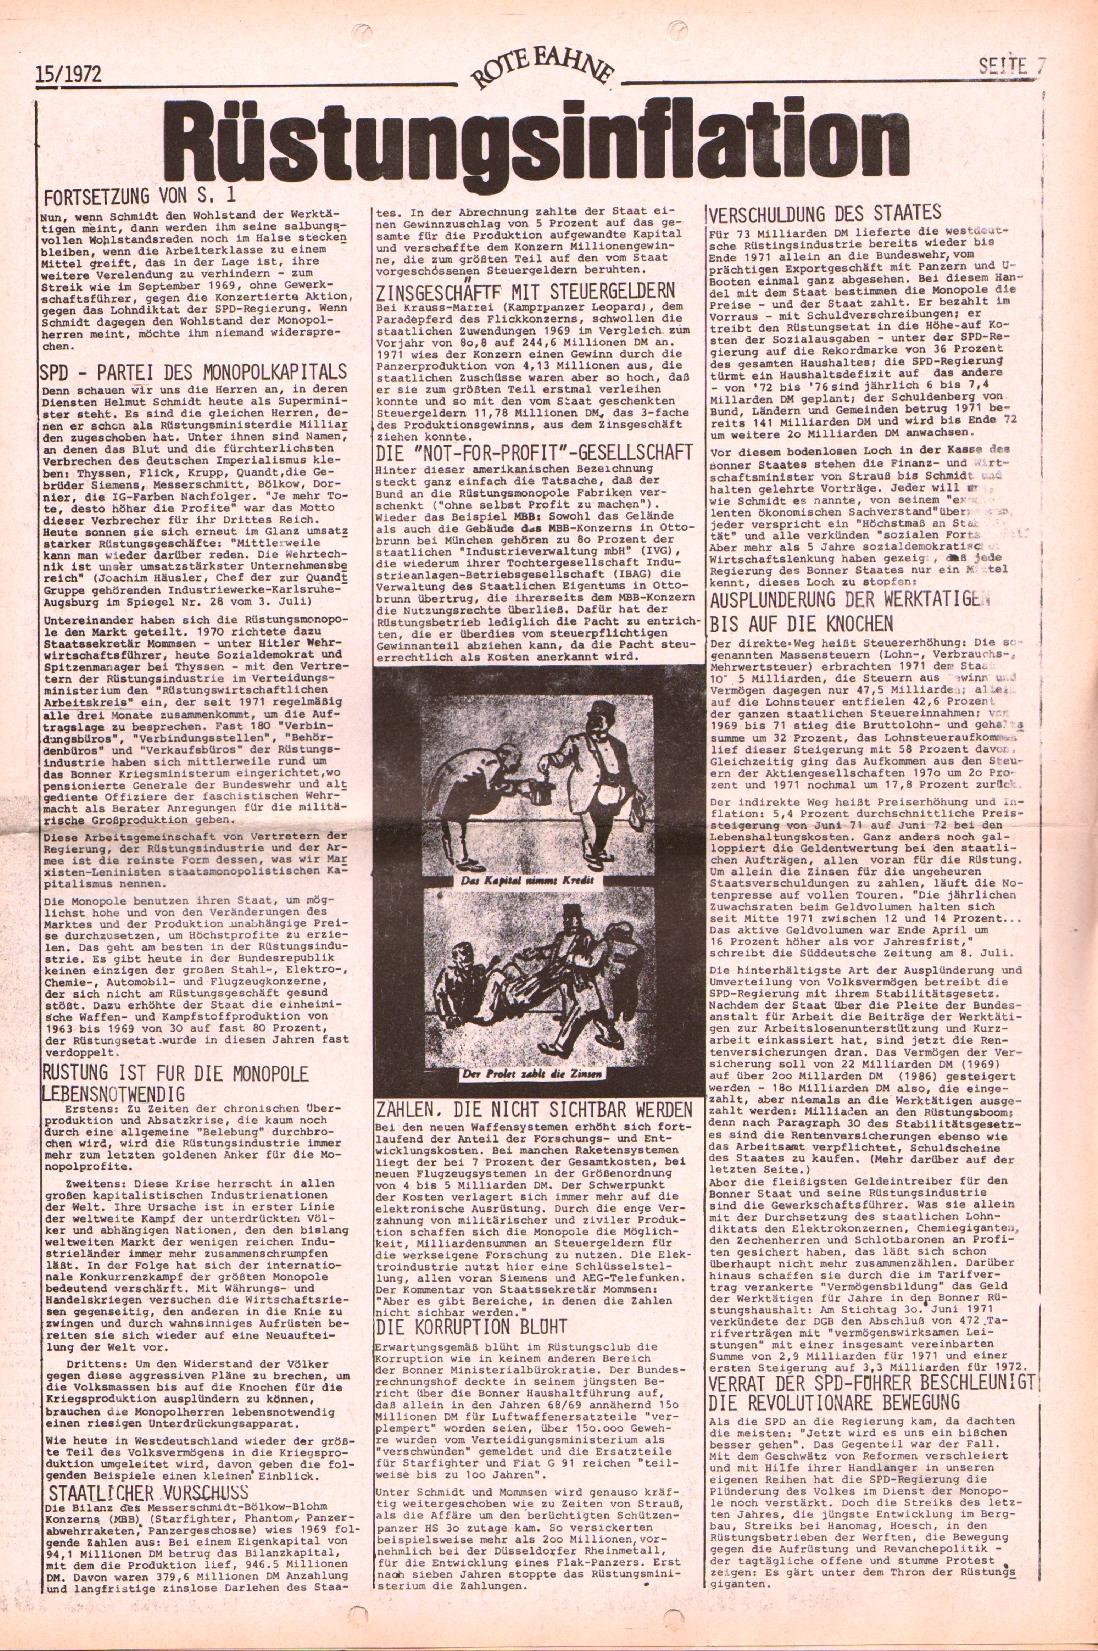 Rote Fahne, 3. Jg., 24.7.1972, Nr. 15, Seite 7